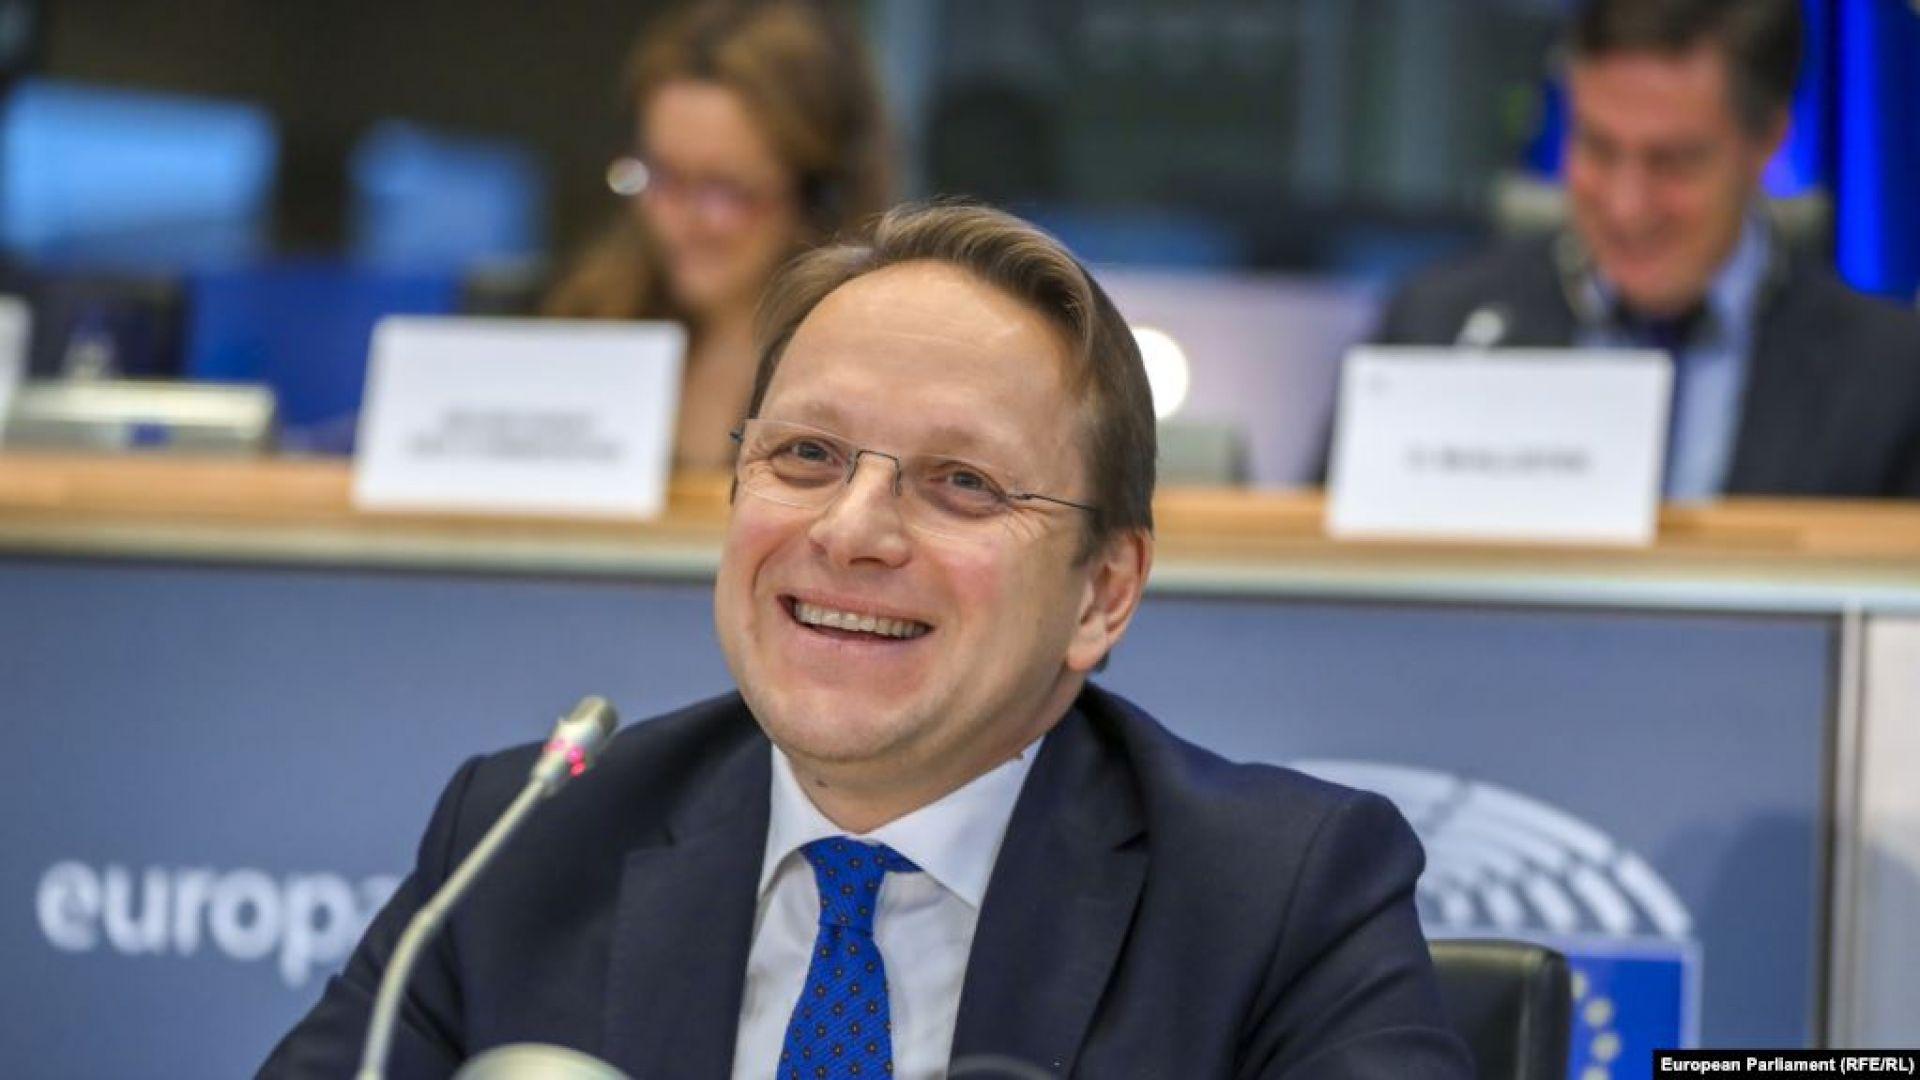 ЕП даде предварително одобрение за всички кандидати за еврокомисари. Кандитатът